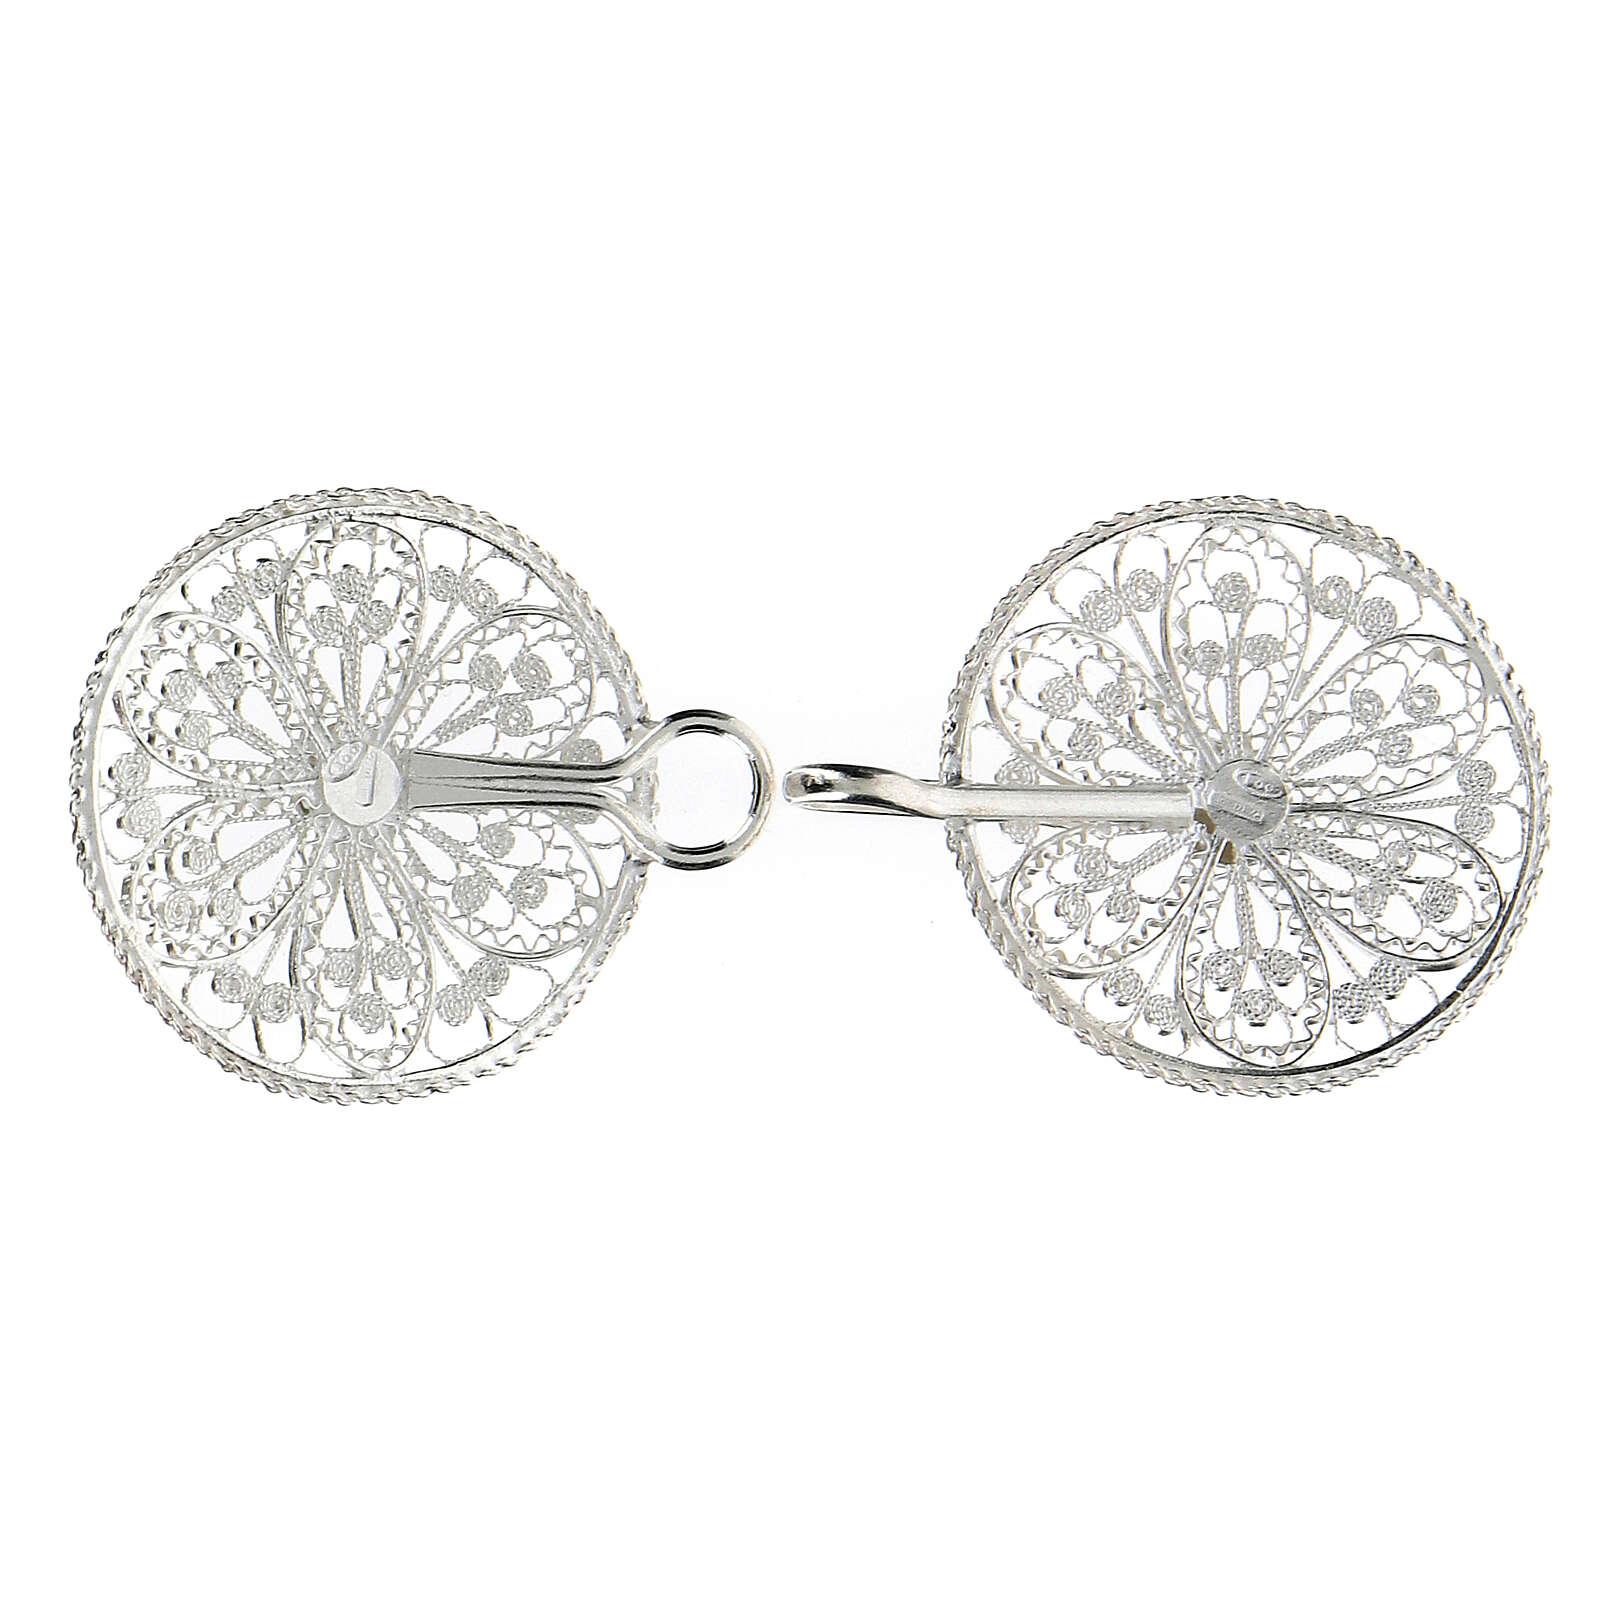 Gancho para capa pluvial con flor de plata 800 4